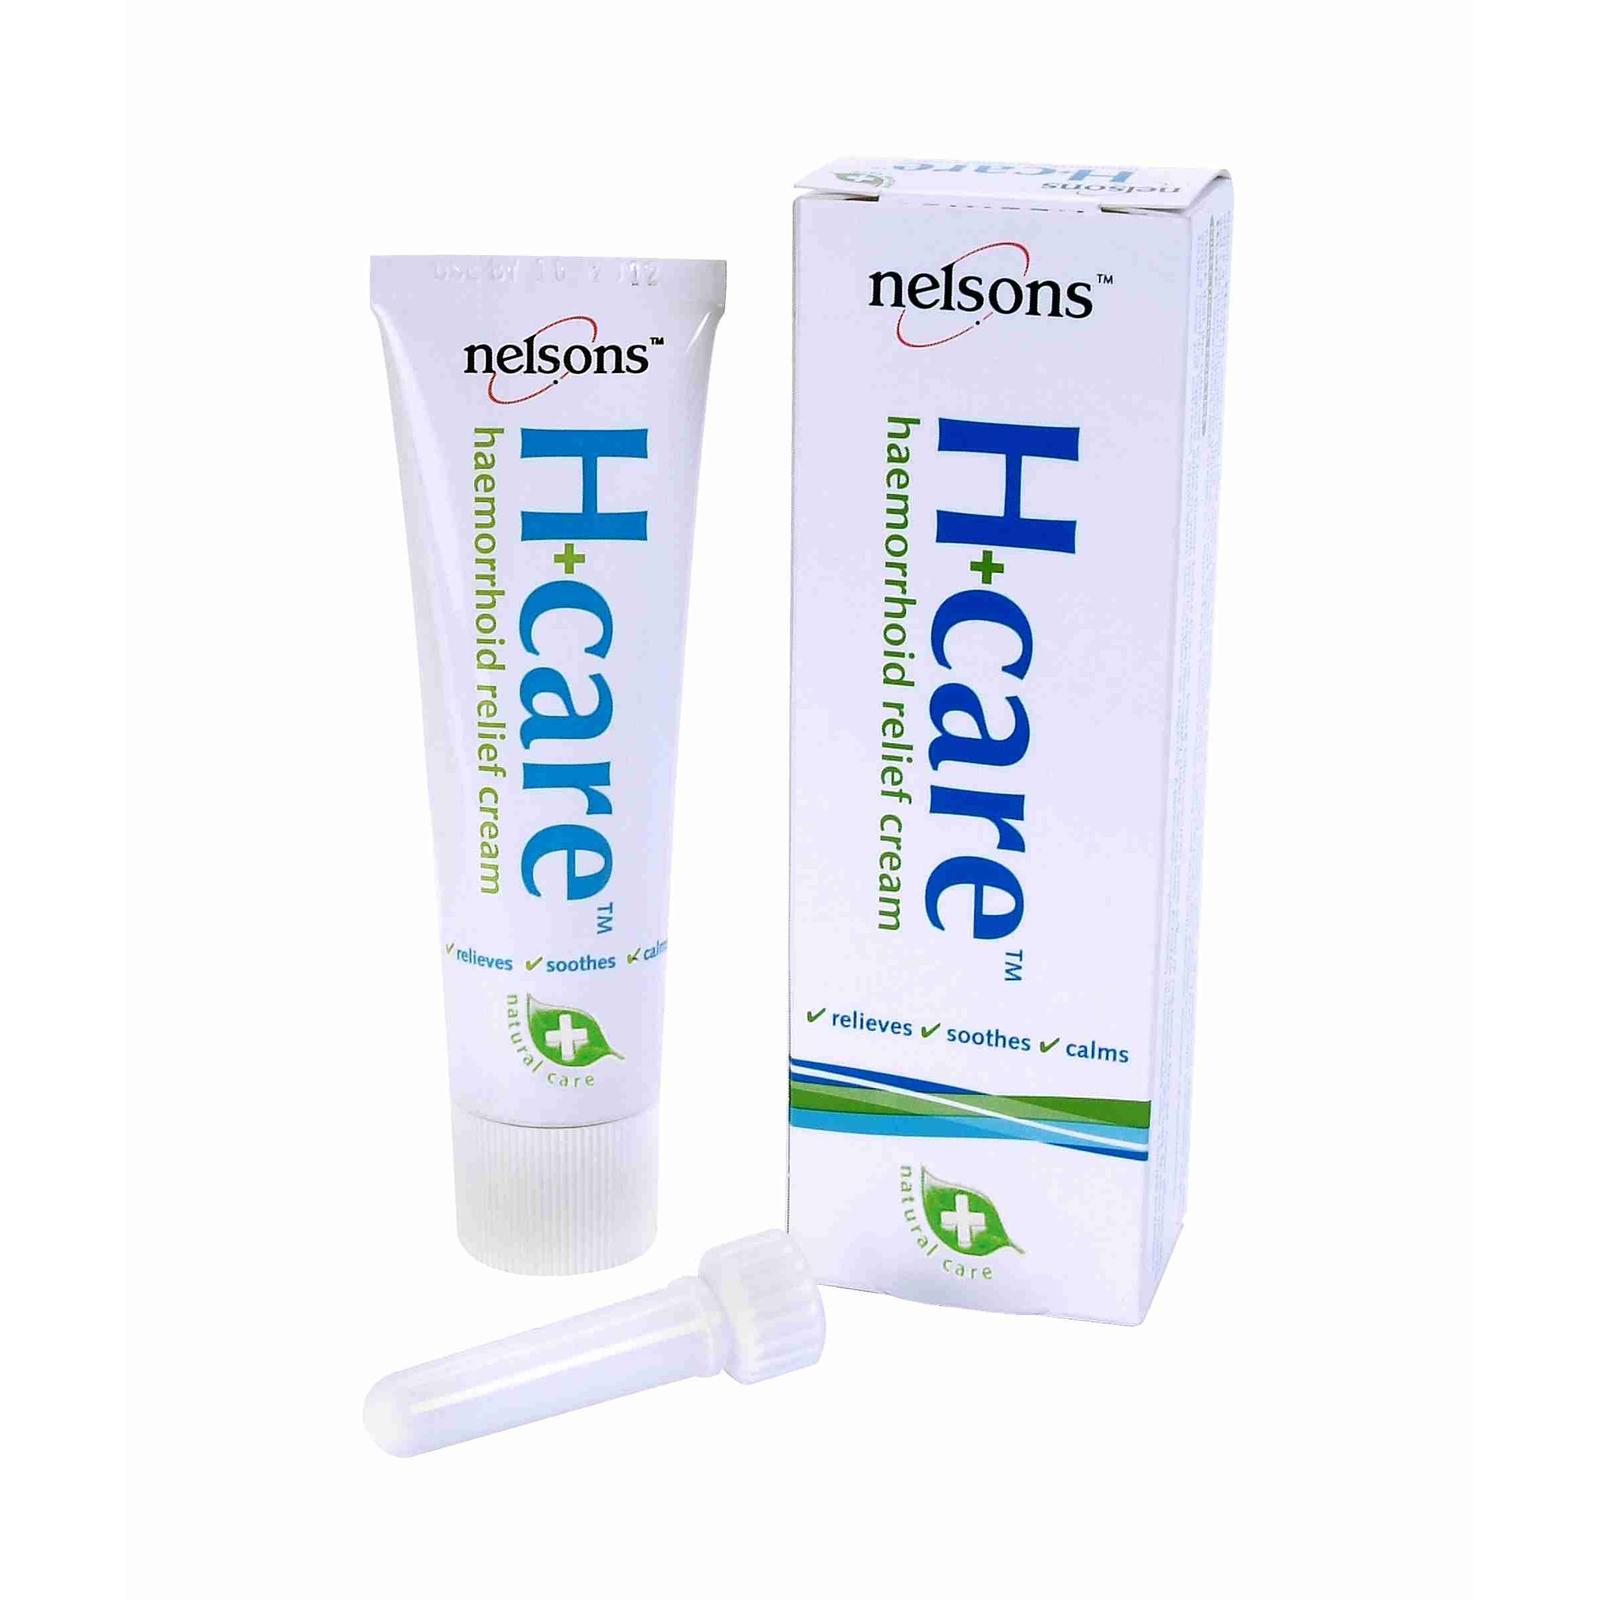 H+Care Haemorrhoid Relief Cream 30g